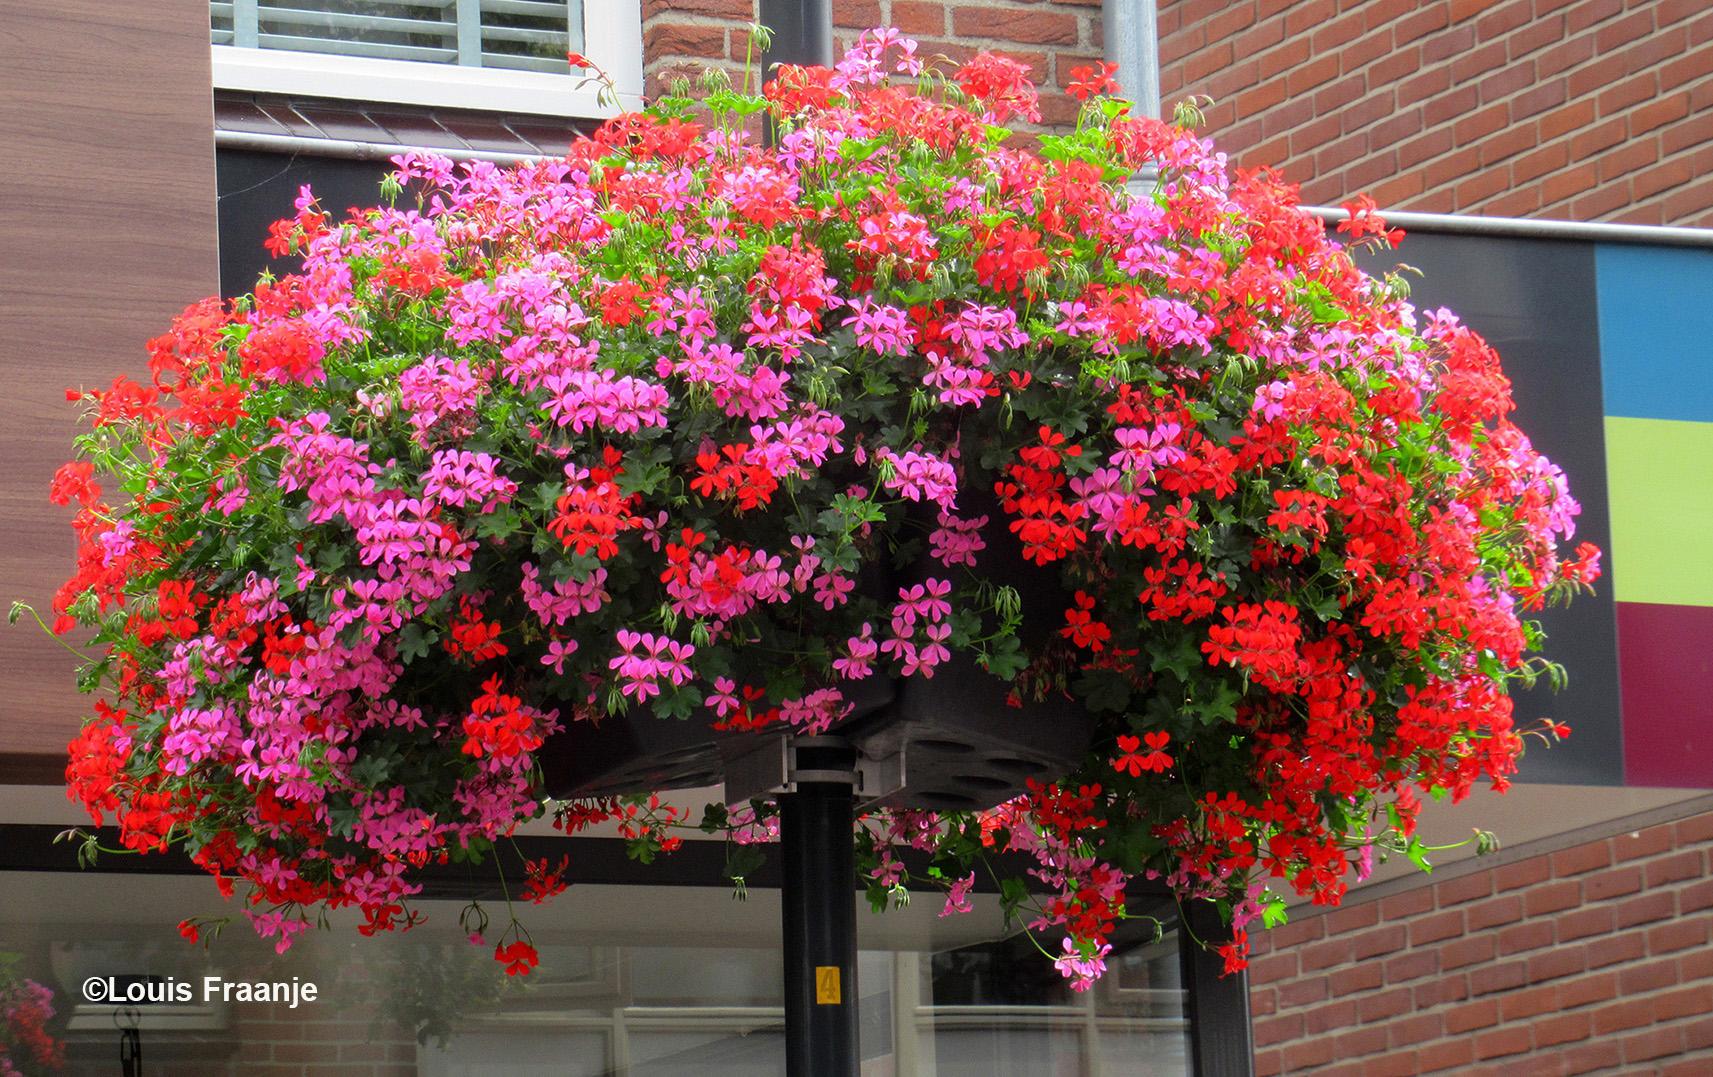 Overal in het centrum van Lunteren hangen deze prachtige hanging baskets, vol met kleurrijke geraniums - Foto: ©Louis Fraanje